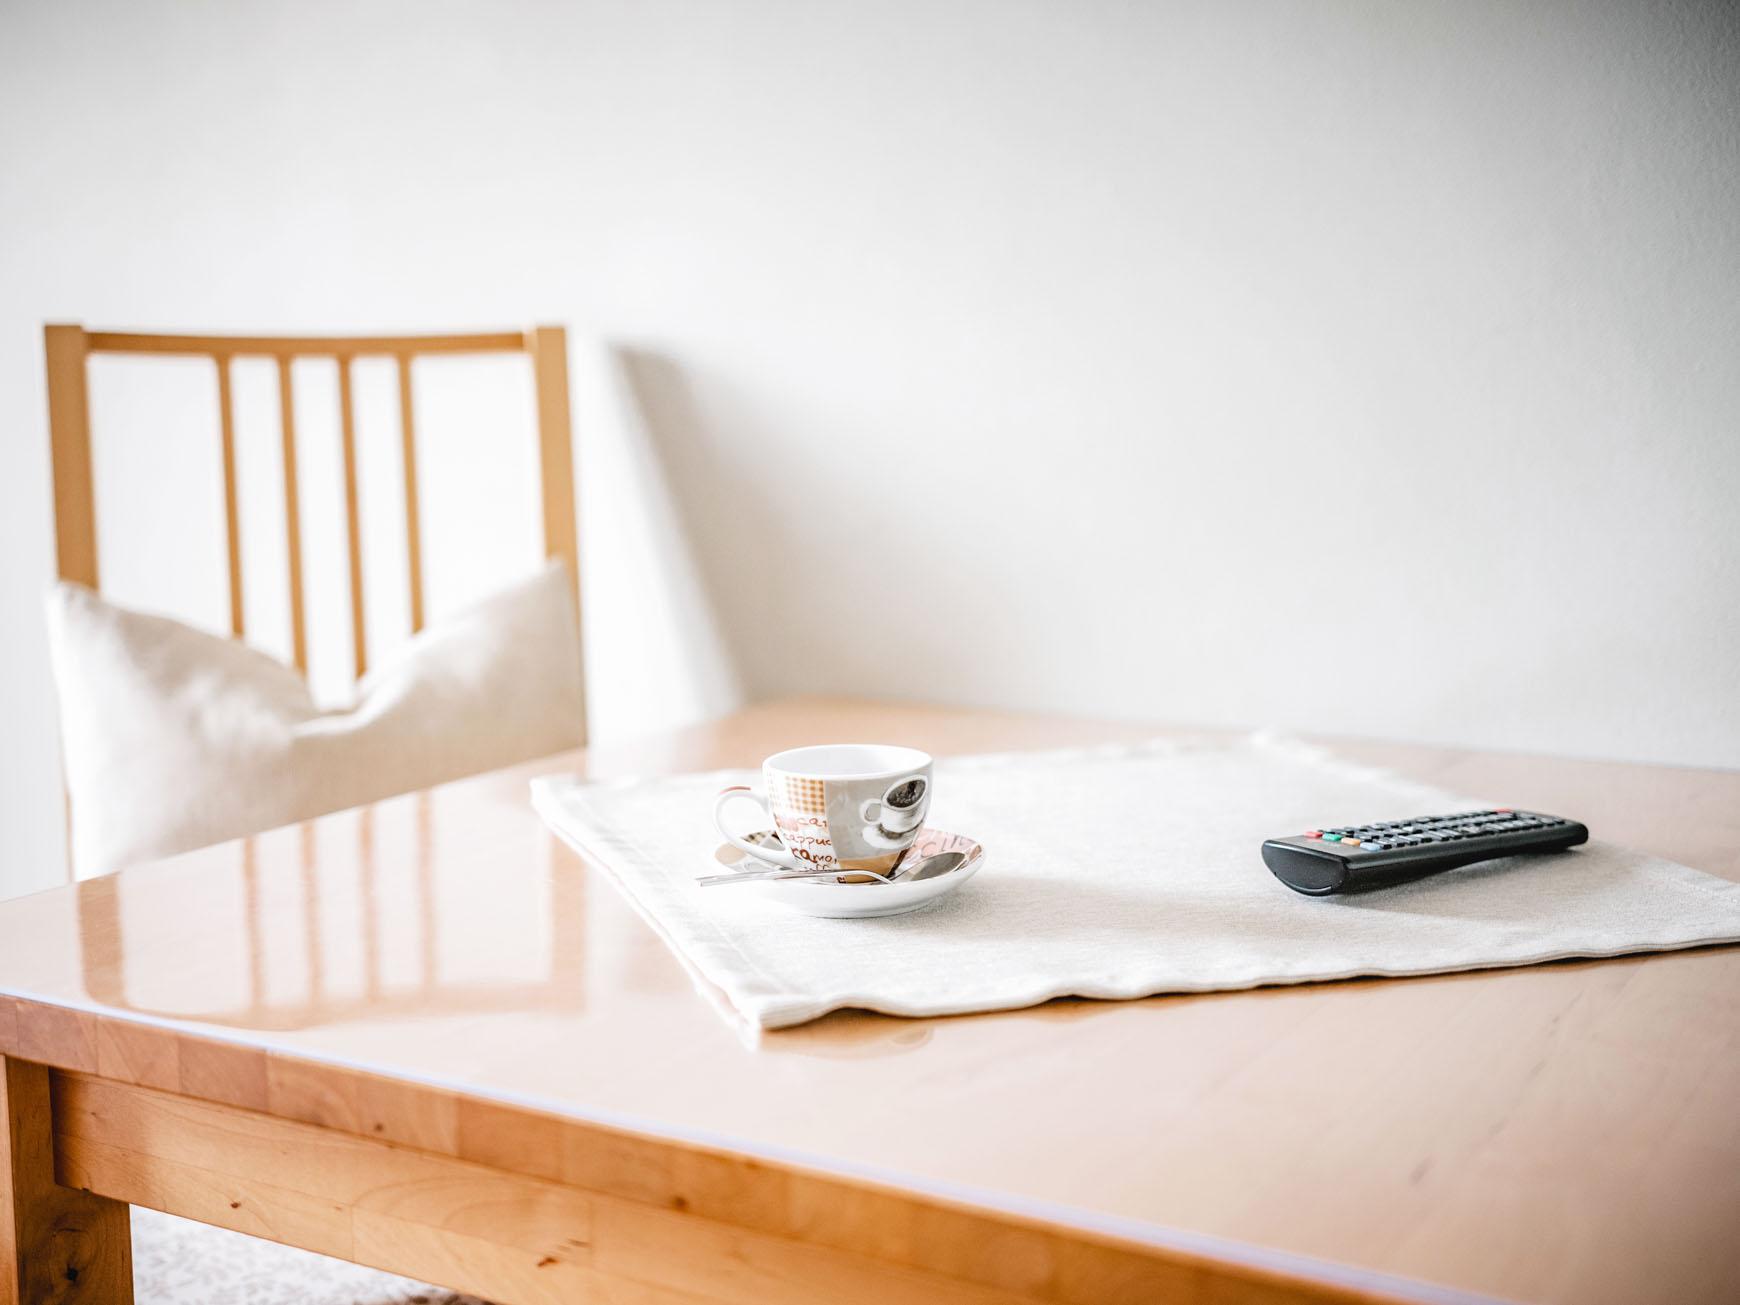 Mehrbettzimmer - Tisch